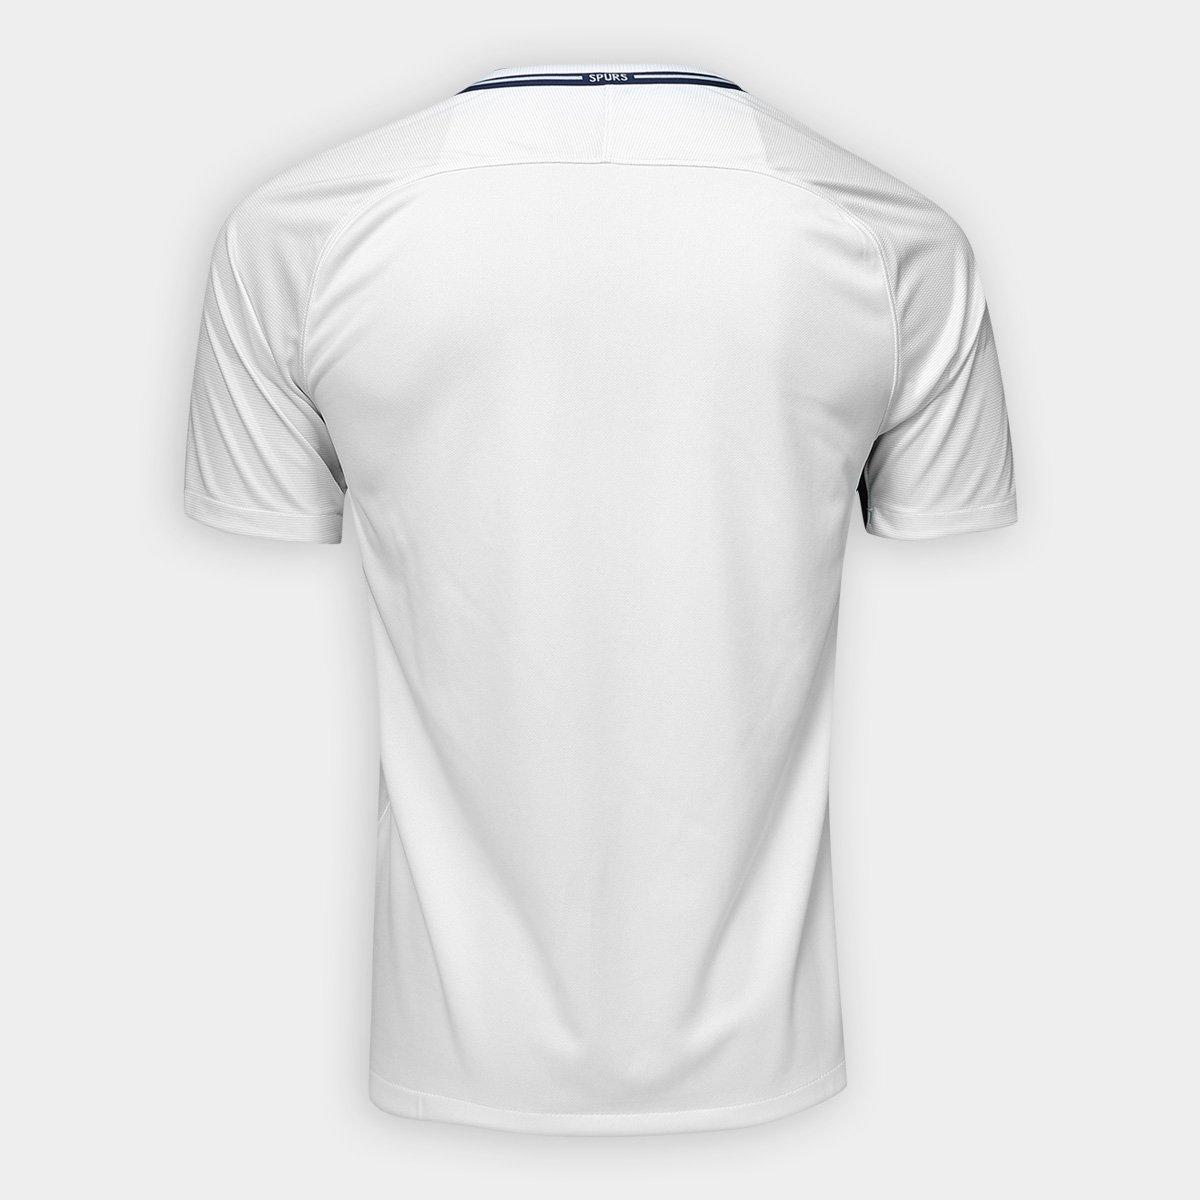 1d62945748 Camisa Tottenham Home 17 18 s n° - Torcedor Nike Masculina - Compre ...